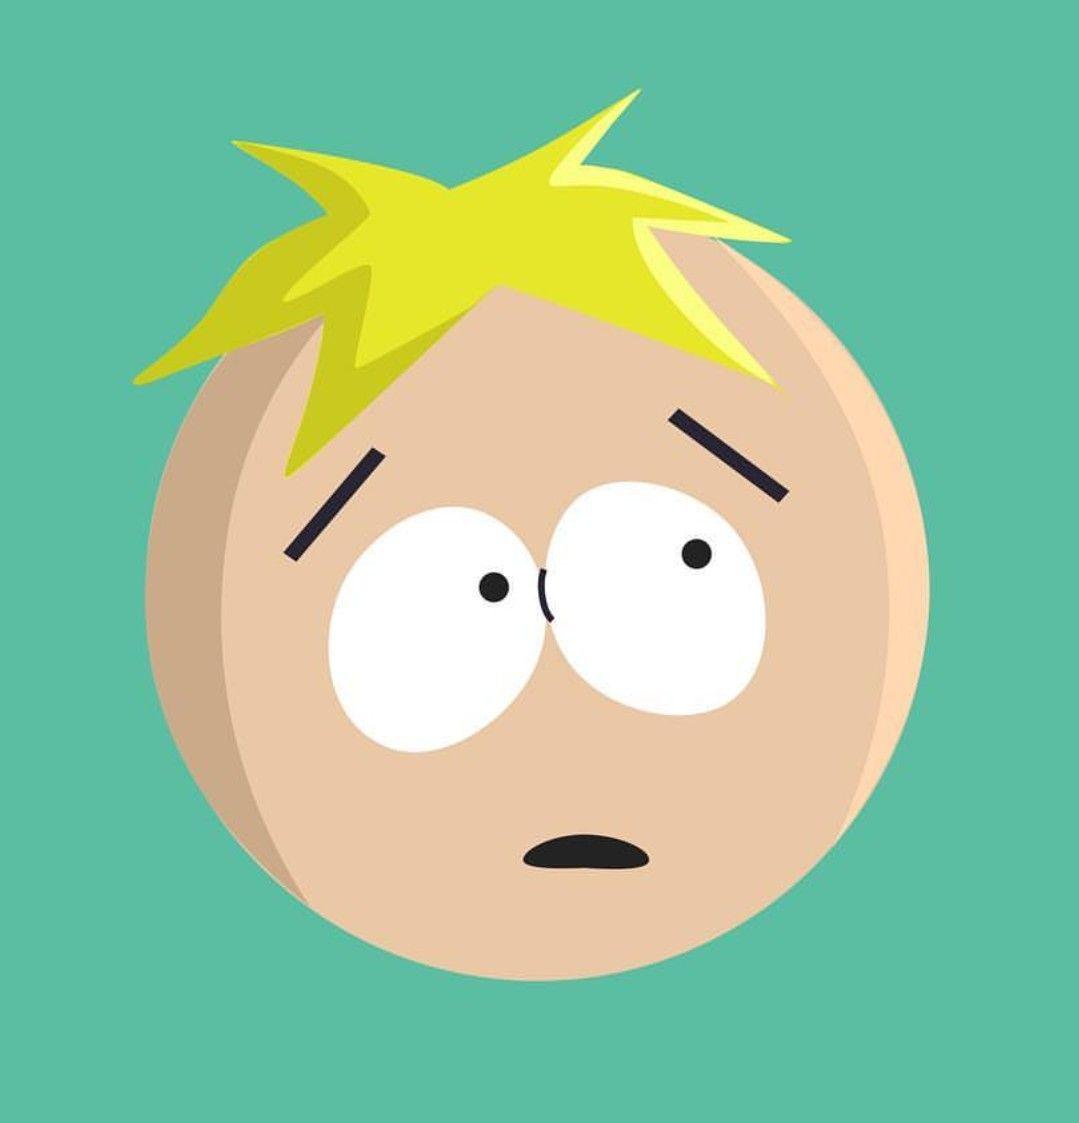 Butters Stotch South Park With Images South Park Park South